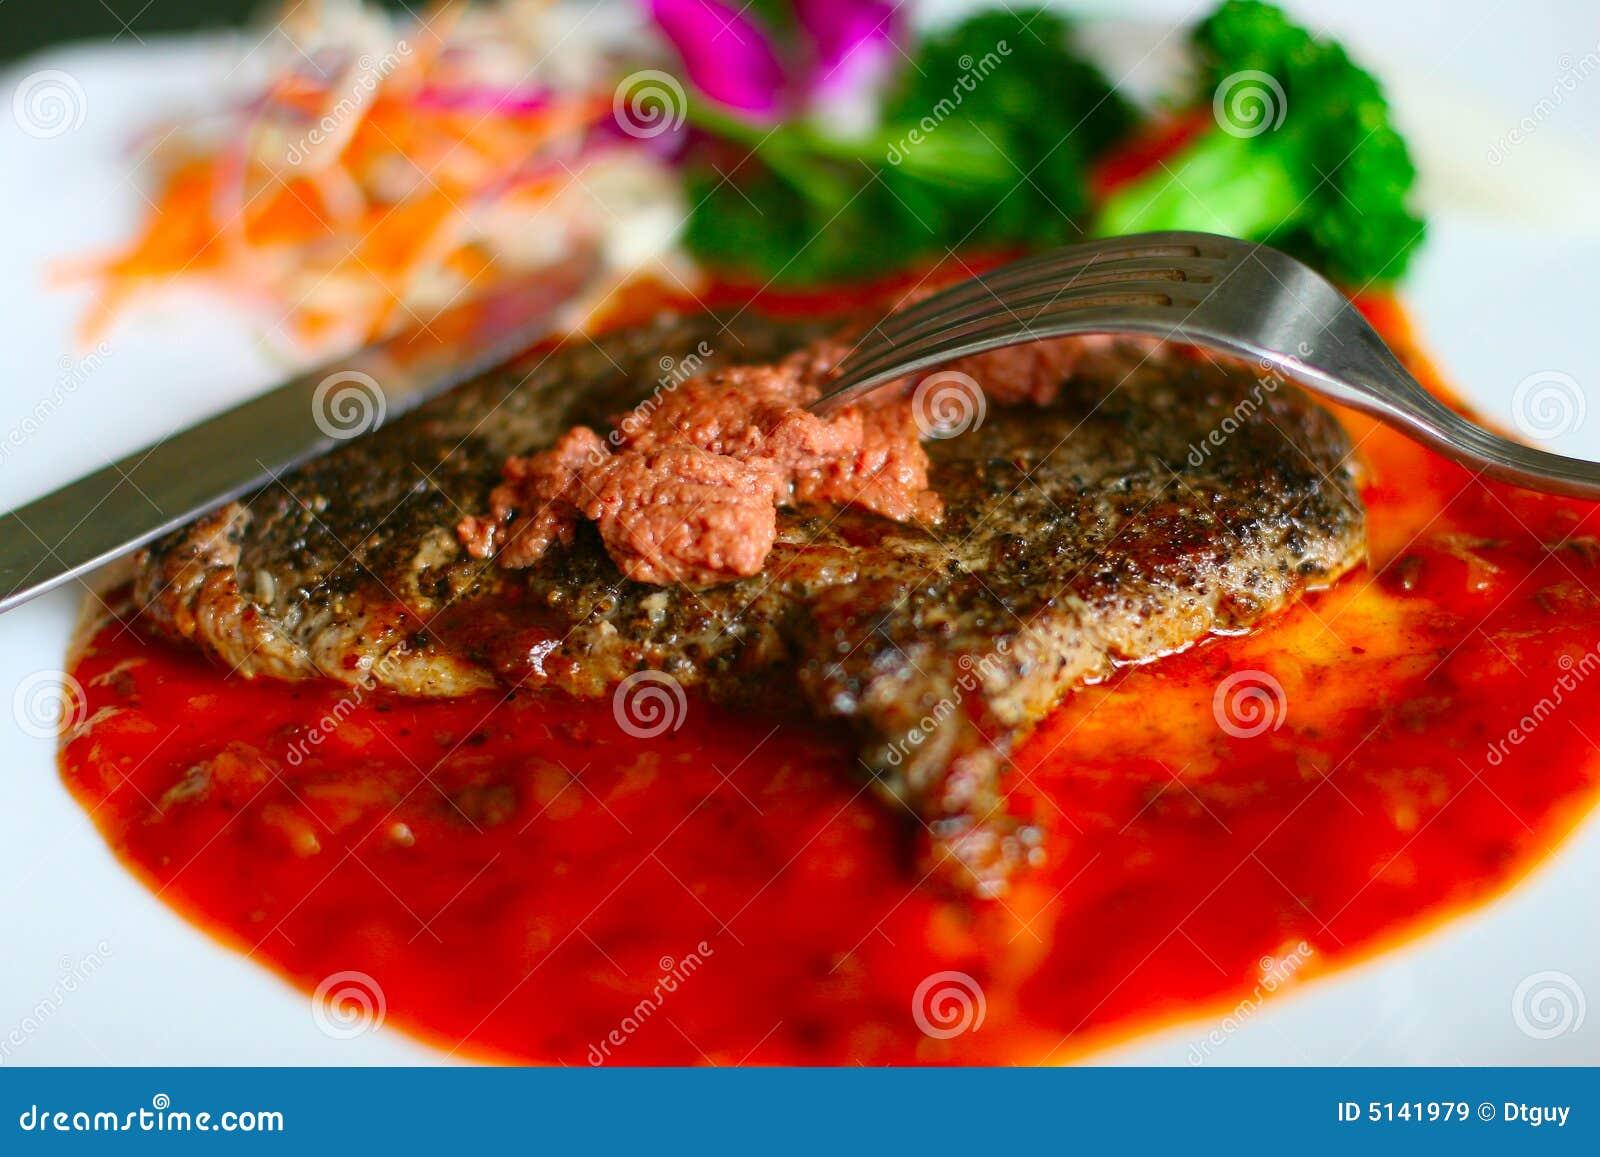 Download Beefsteak stock image. Image of dishware, tableware, tasty - 5141979